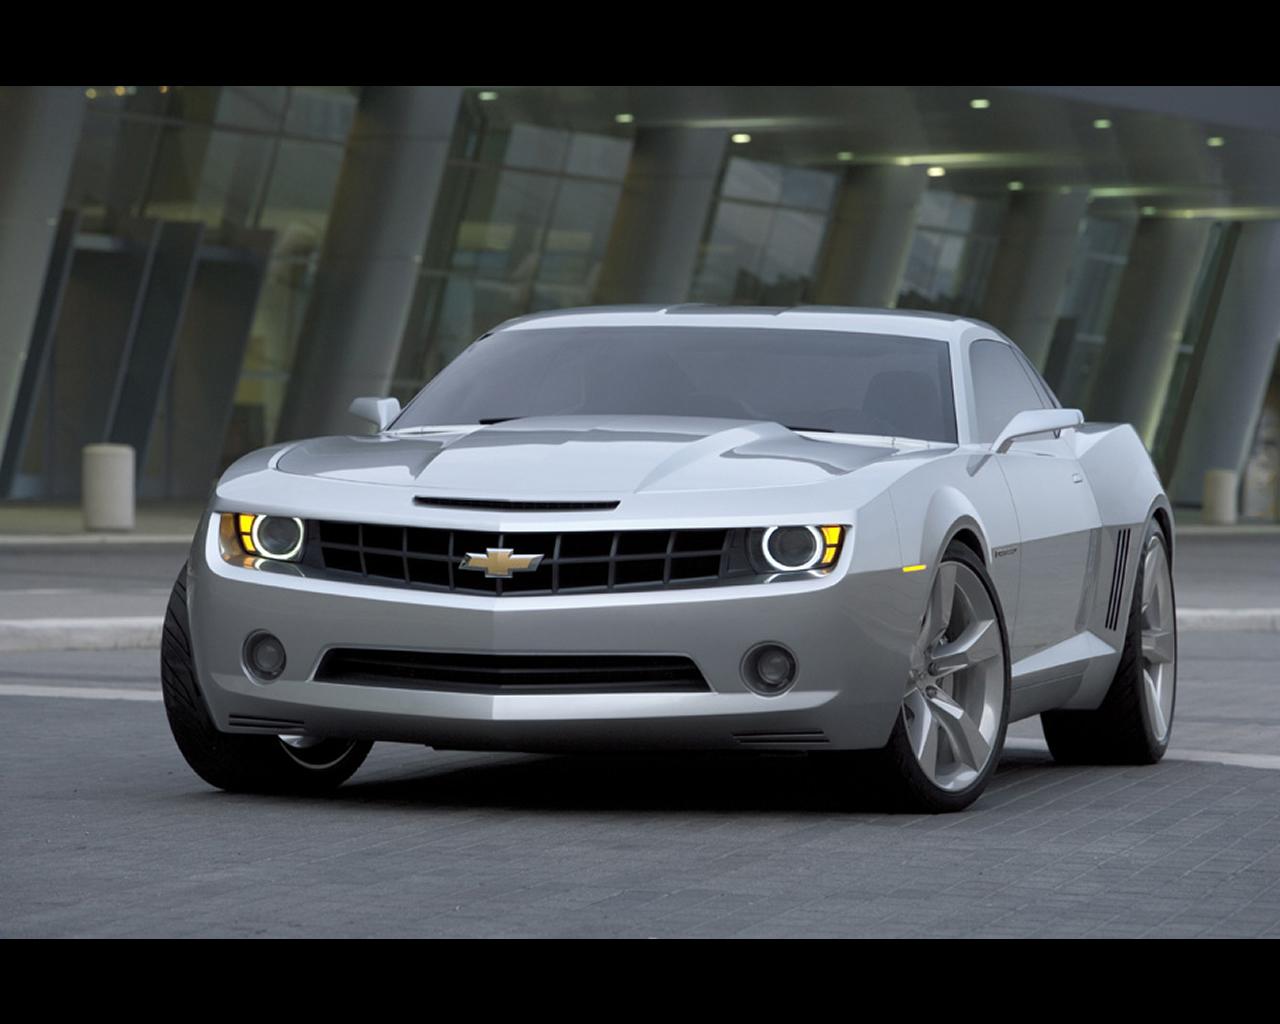 General Motors Chevrolet Camaro Concept 2006